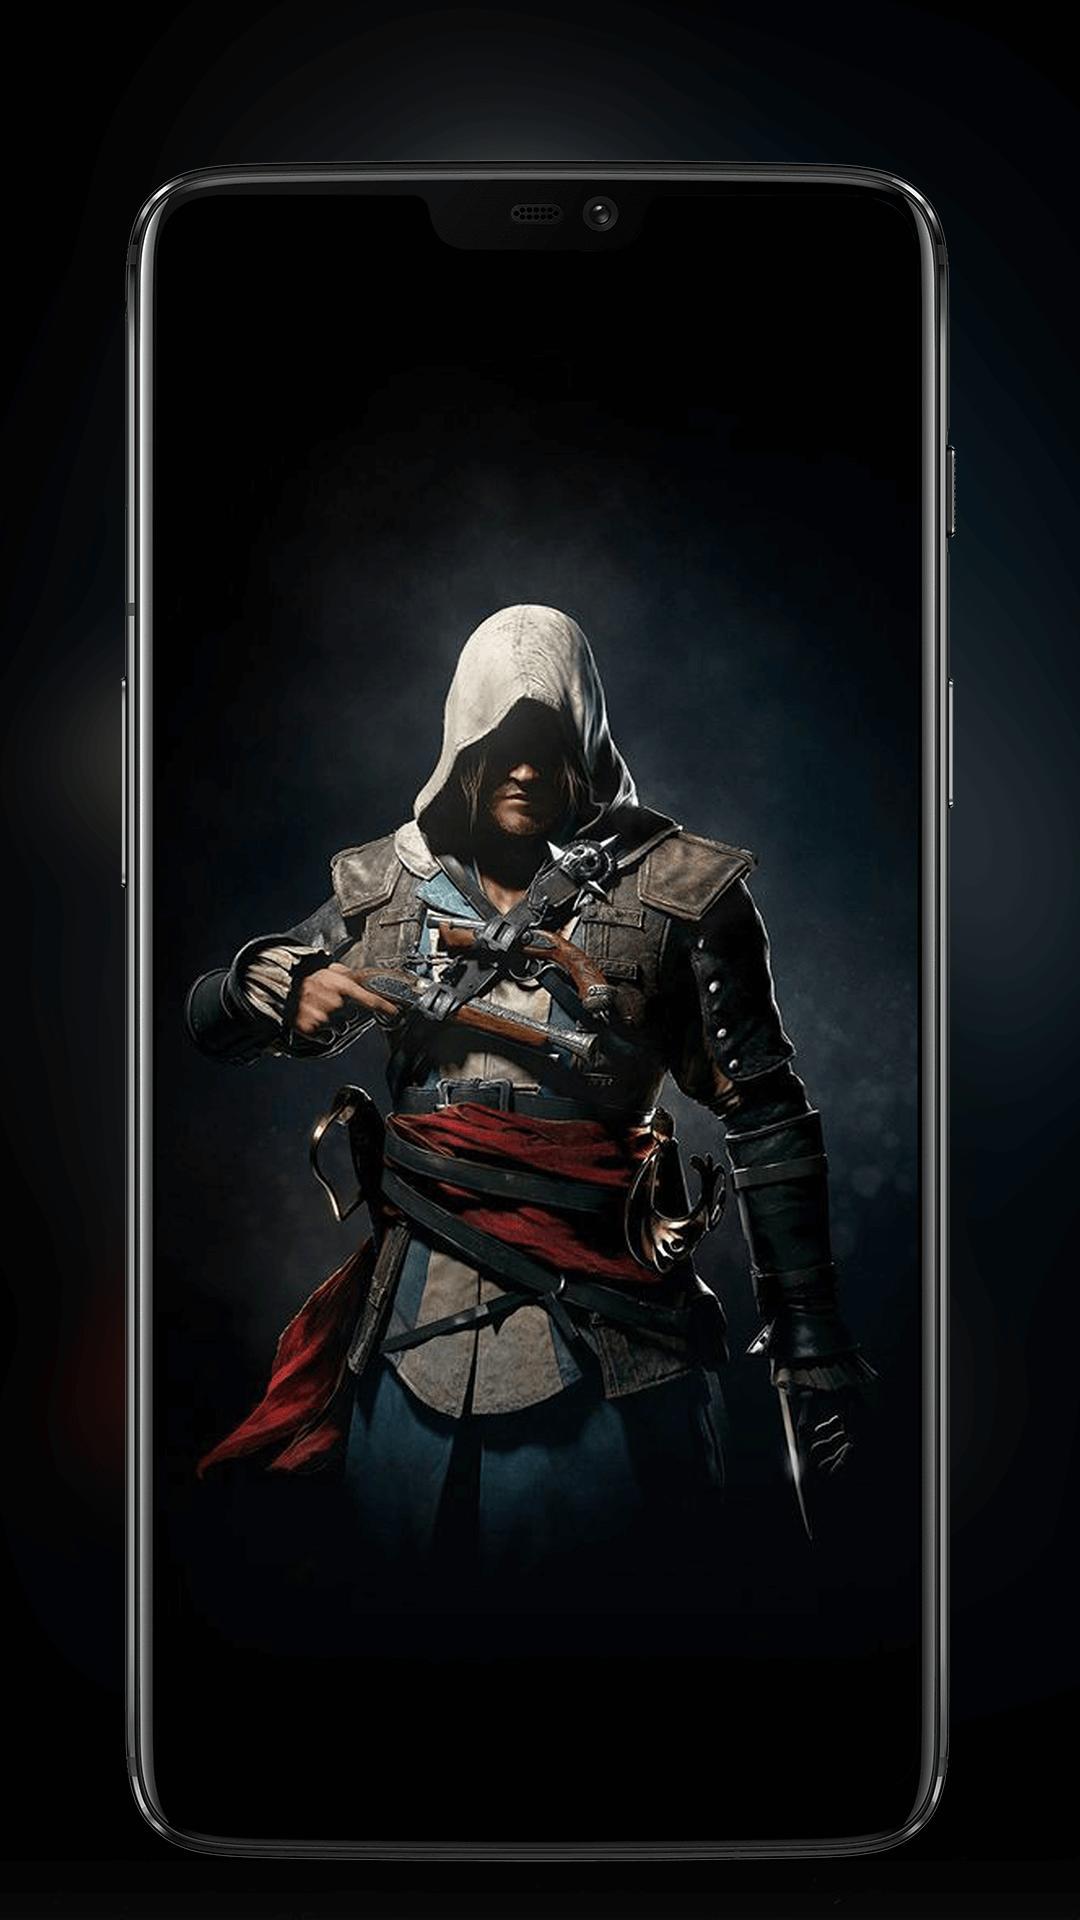 Fonds D Ecran Jeux Video Hd Arrieres Plan Pour Android Telechargez L Apk